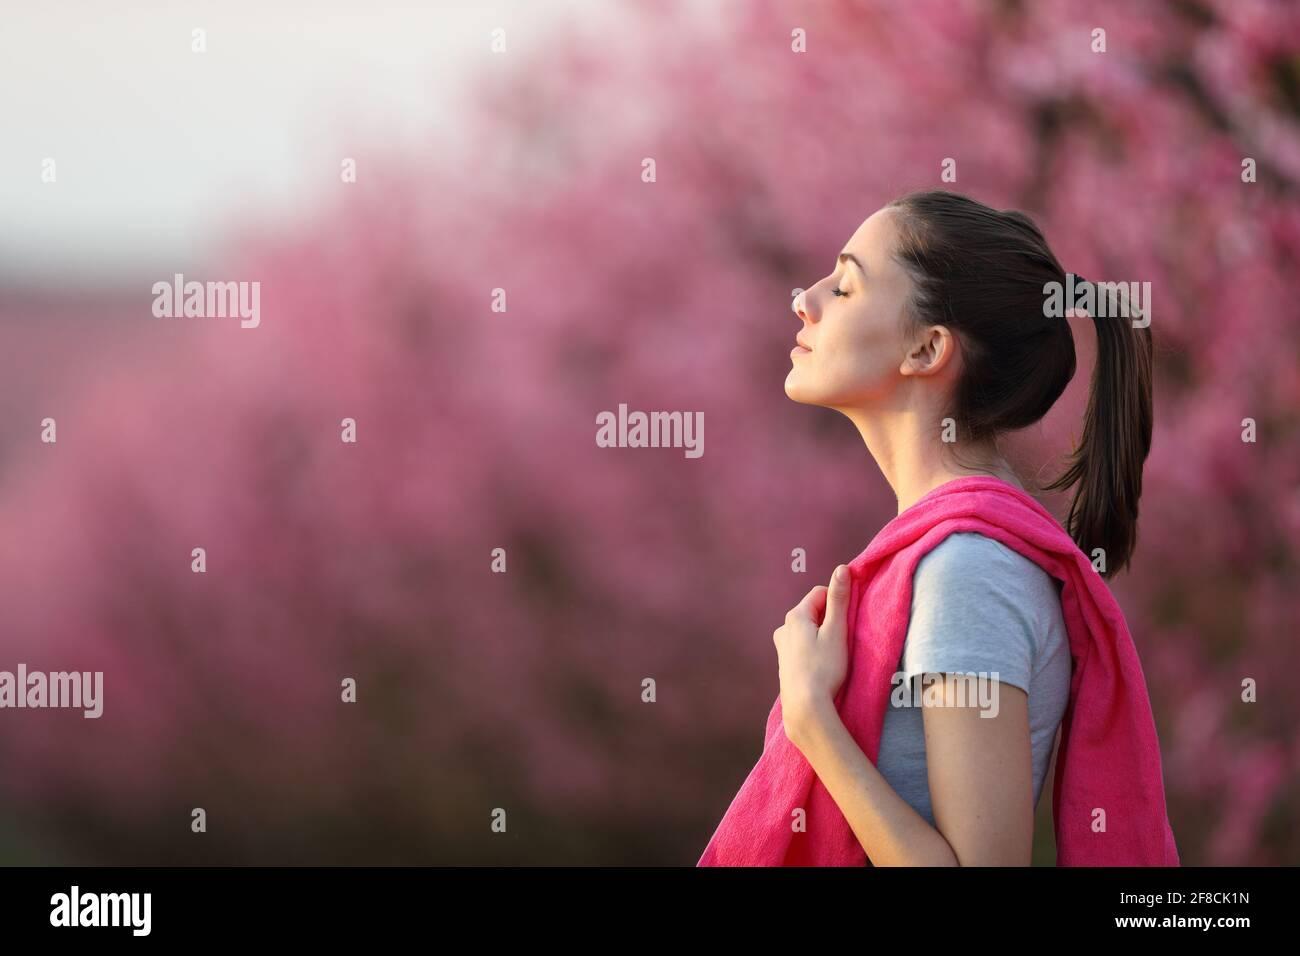 Profilo di una sportiva che respira aria fresca dopo lo sport in un campo fiorito rosa Foto Stock